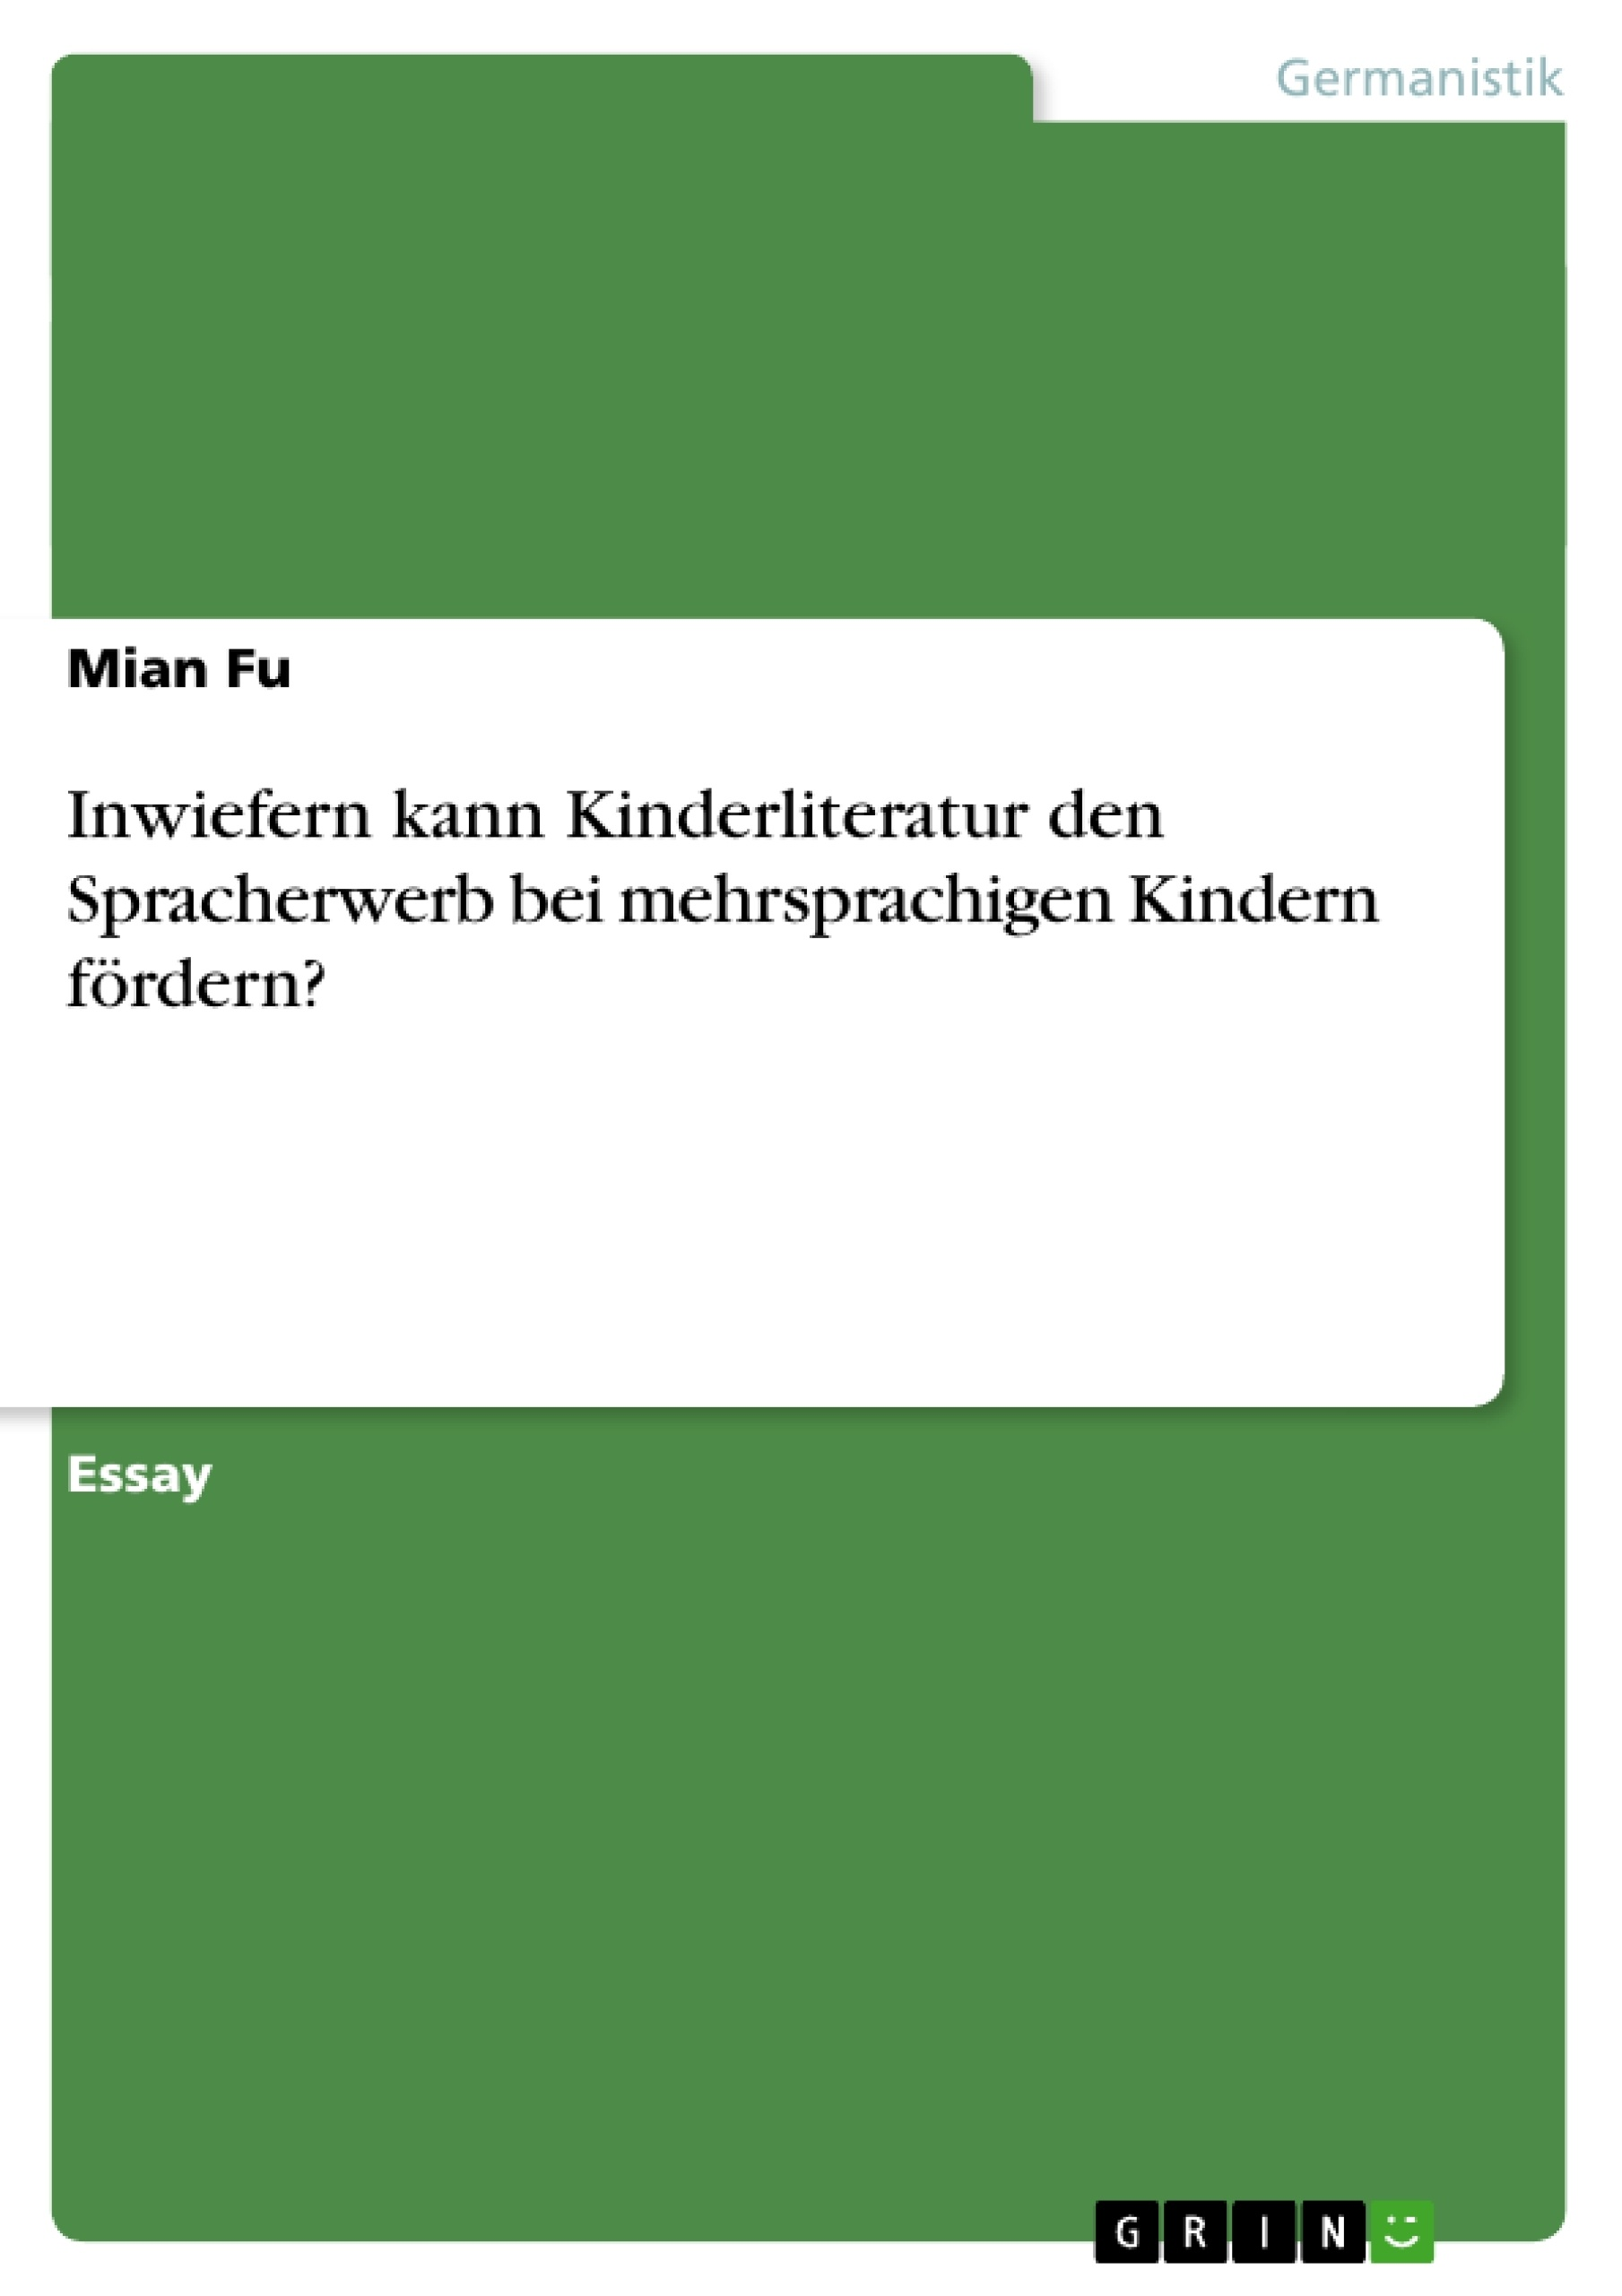 Titel: Inwiefern kann Kinderliteratur den Spracherwerb bei  mehrsprachigen Kindern fördern?